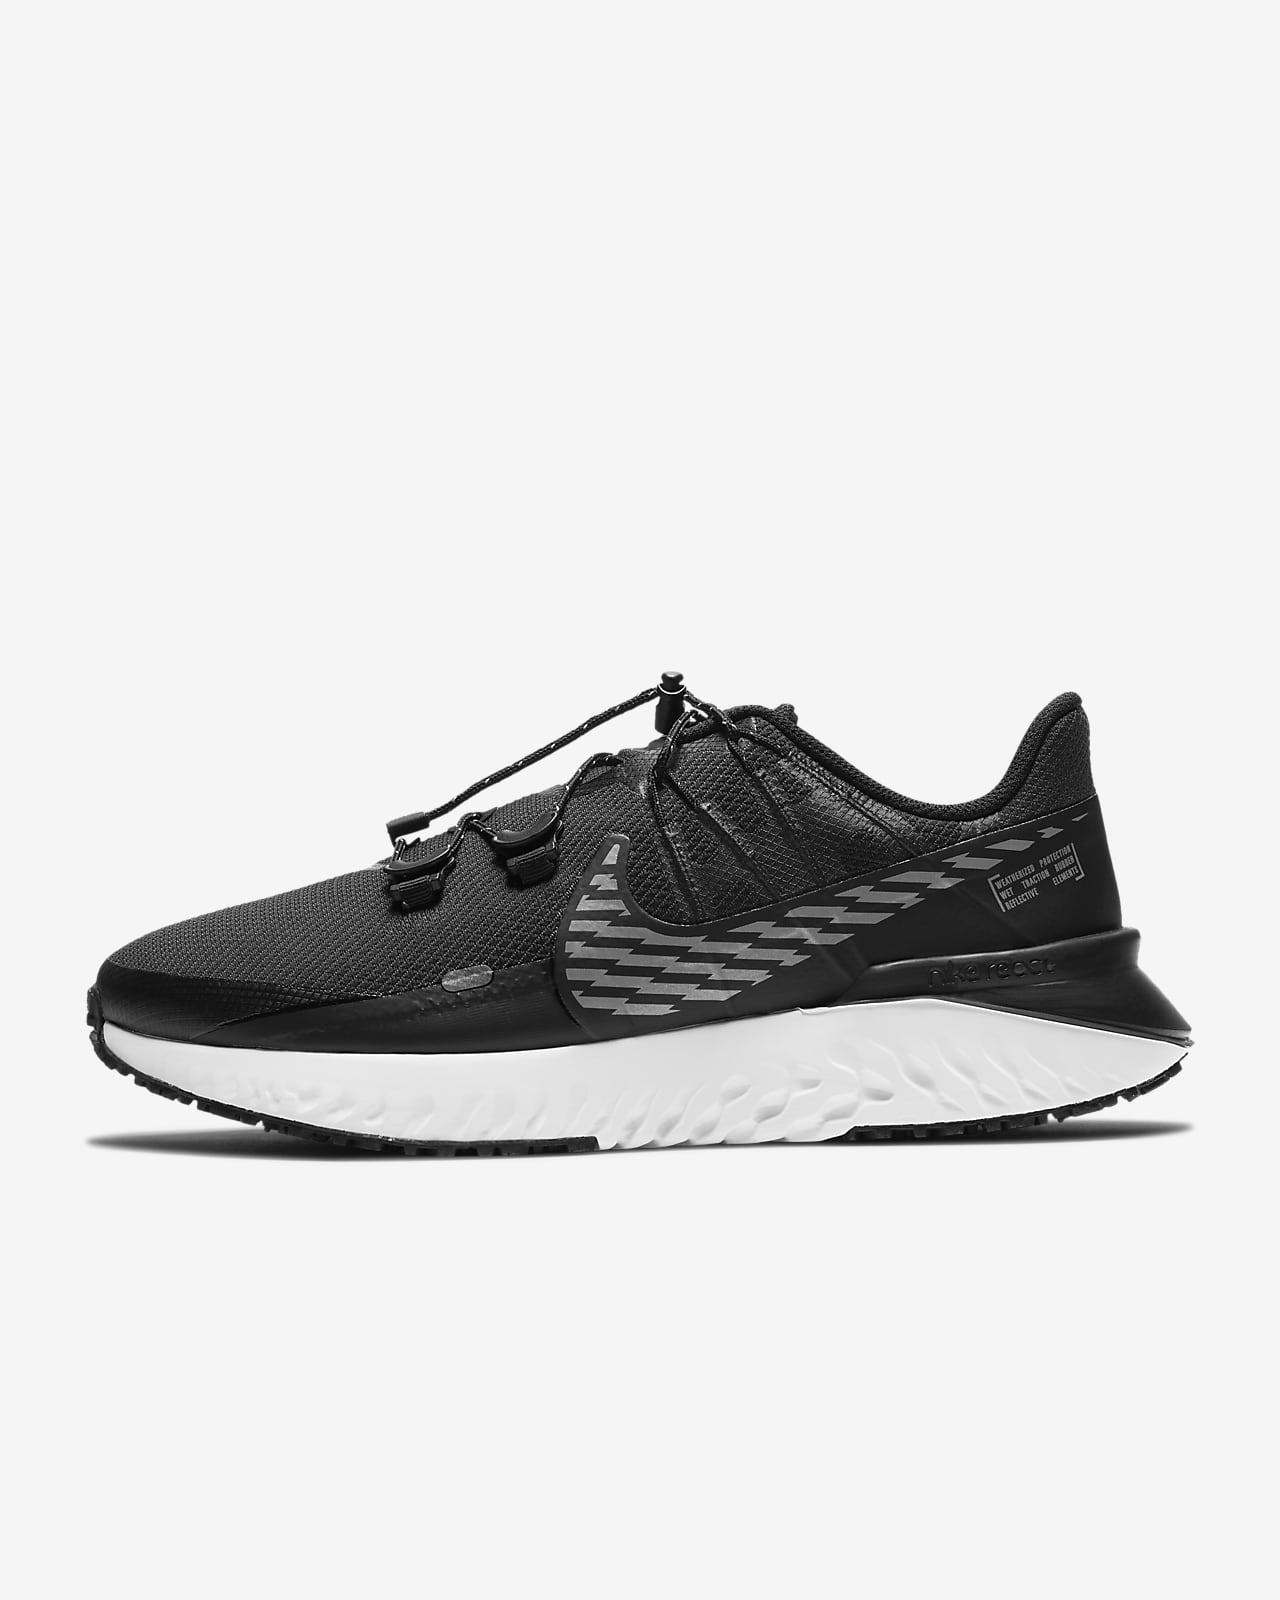 Chaussure de running Nike Legend React 3 Shield pour Femme